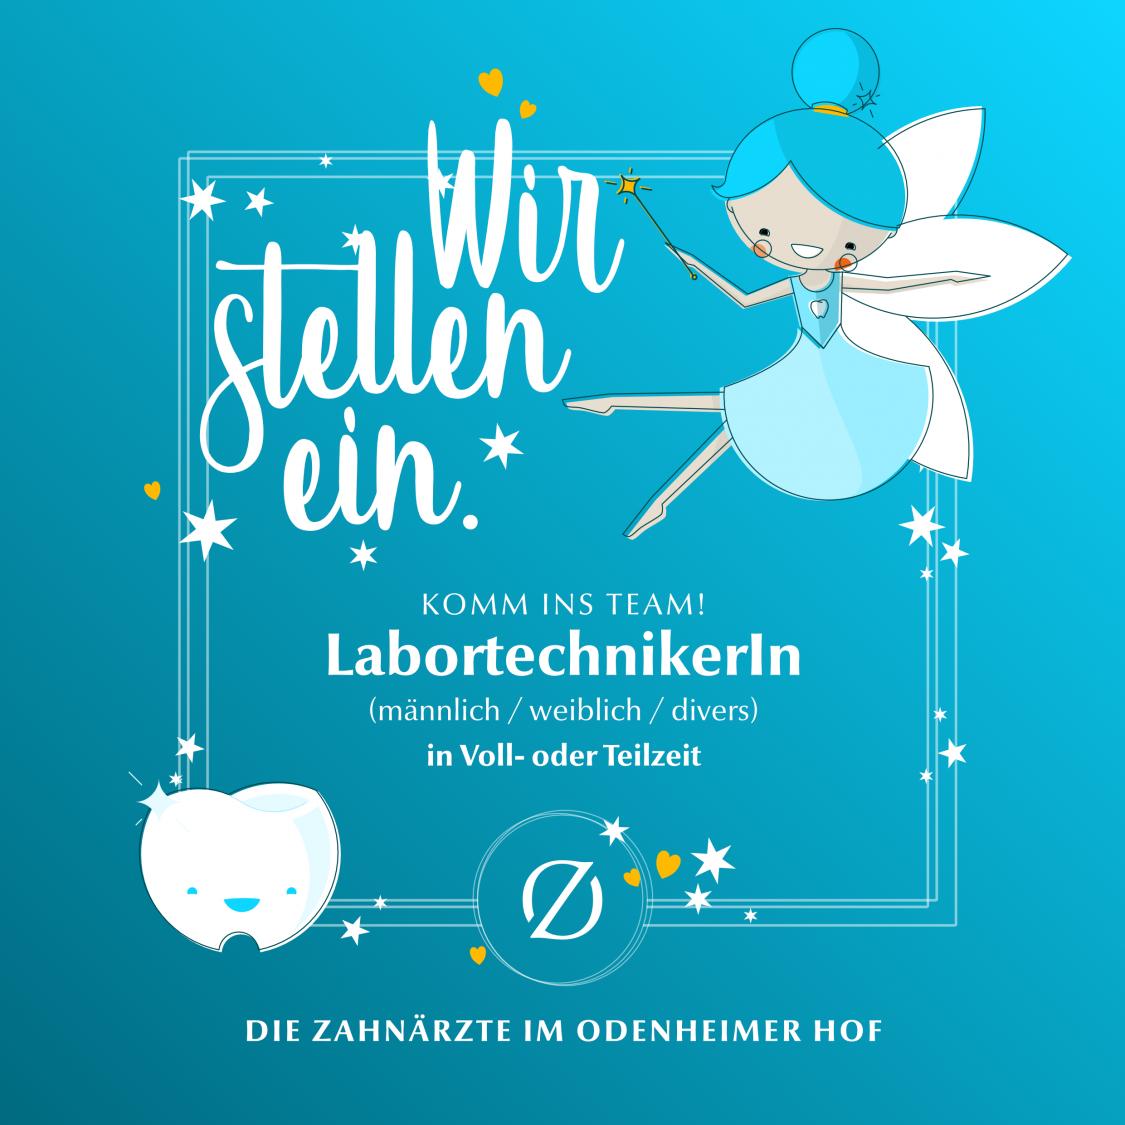 Stellenausschreibung LabortechnikerIn (w/m/d) in Voll- oder Teilzeit – Die Zahnärzte im Odenheimer Hof – Leingarten (Heilbronn) - Dr. Alexander Mitsch M.Sc. & Dr. Jan Felix Hartl M.Sc.